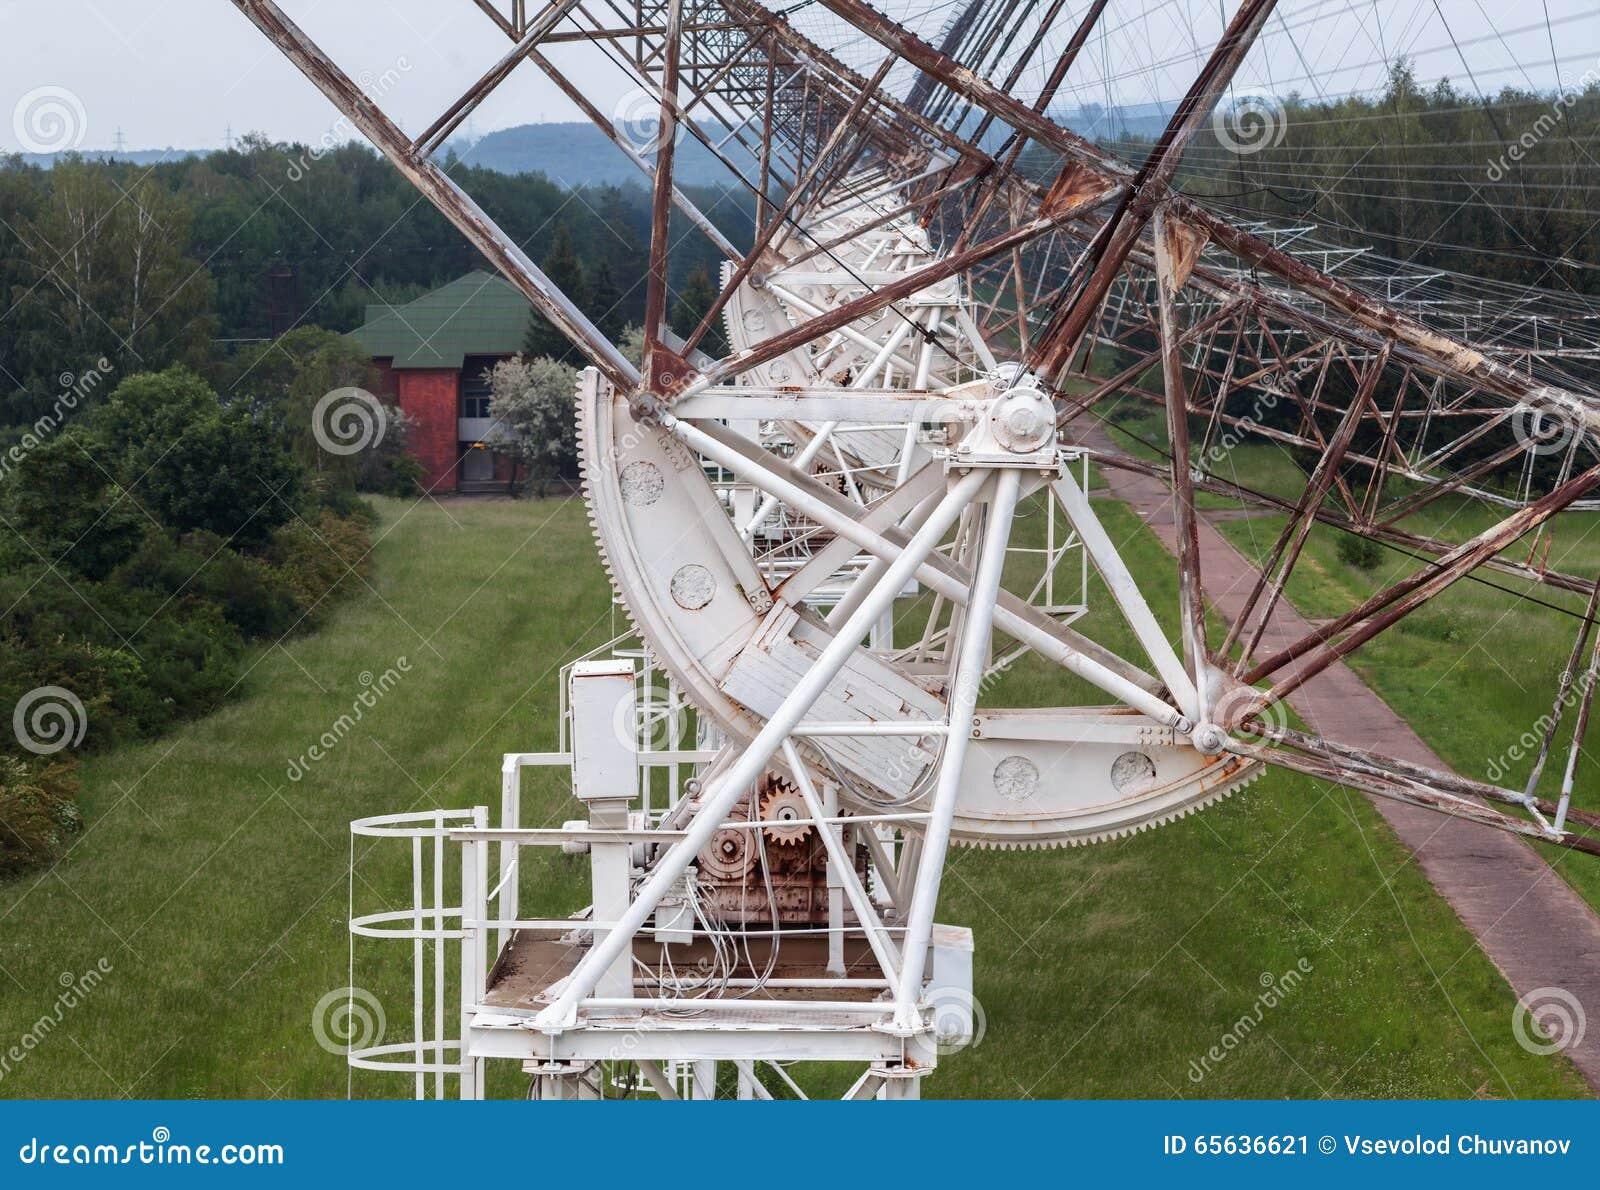 Le mécanisme de rotation du radiotelescope russe pour étudier des pulsars